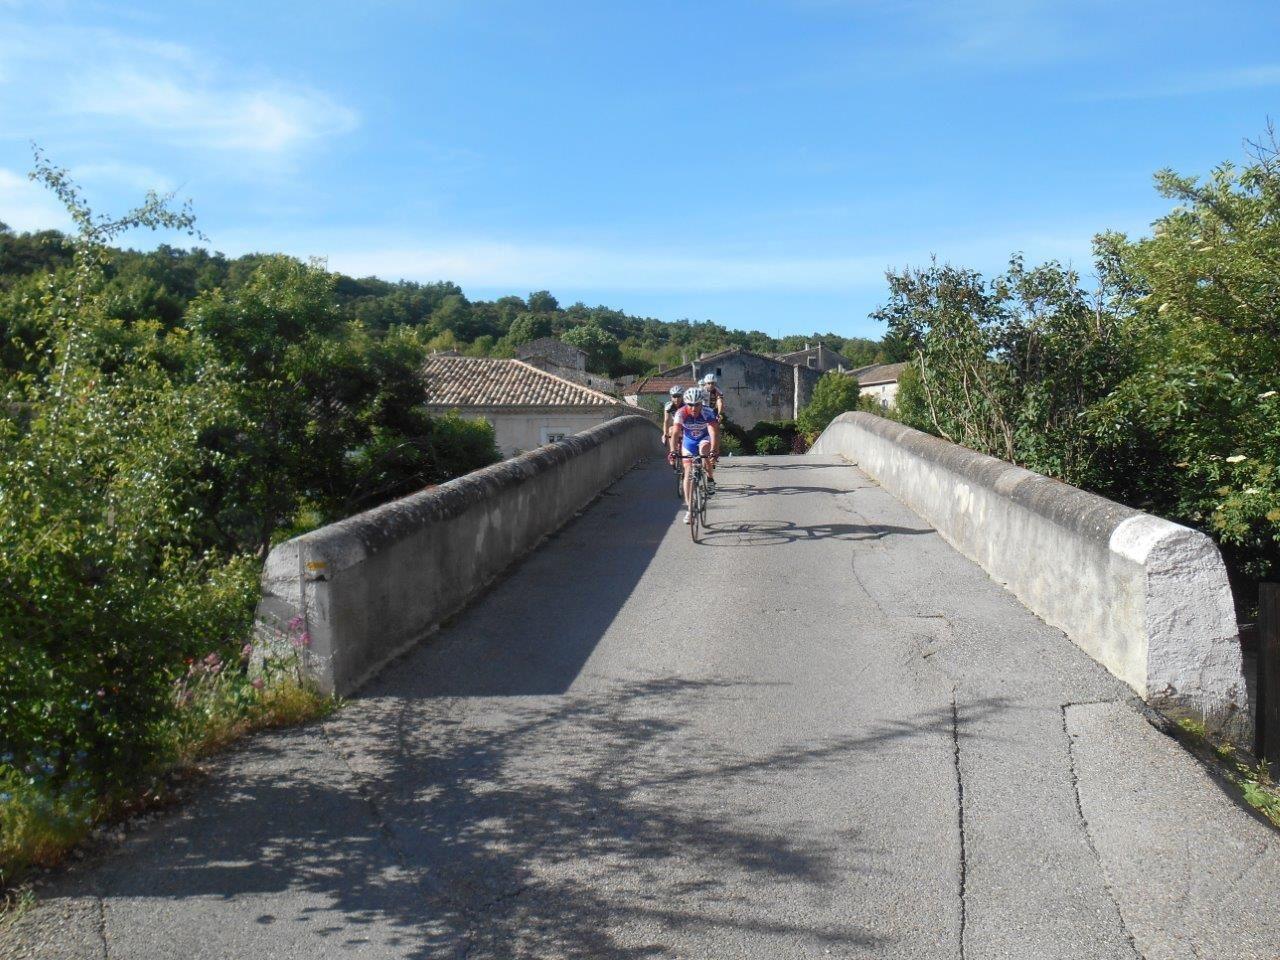 Nico en pleine reprise et passage sur le petit pont de Rimouren.